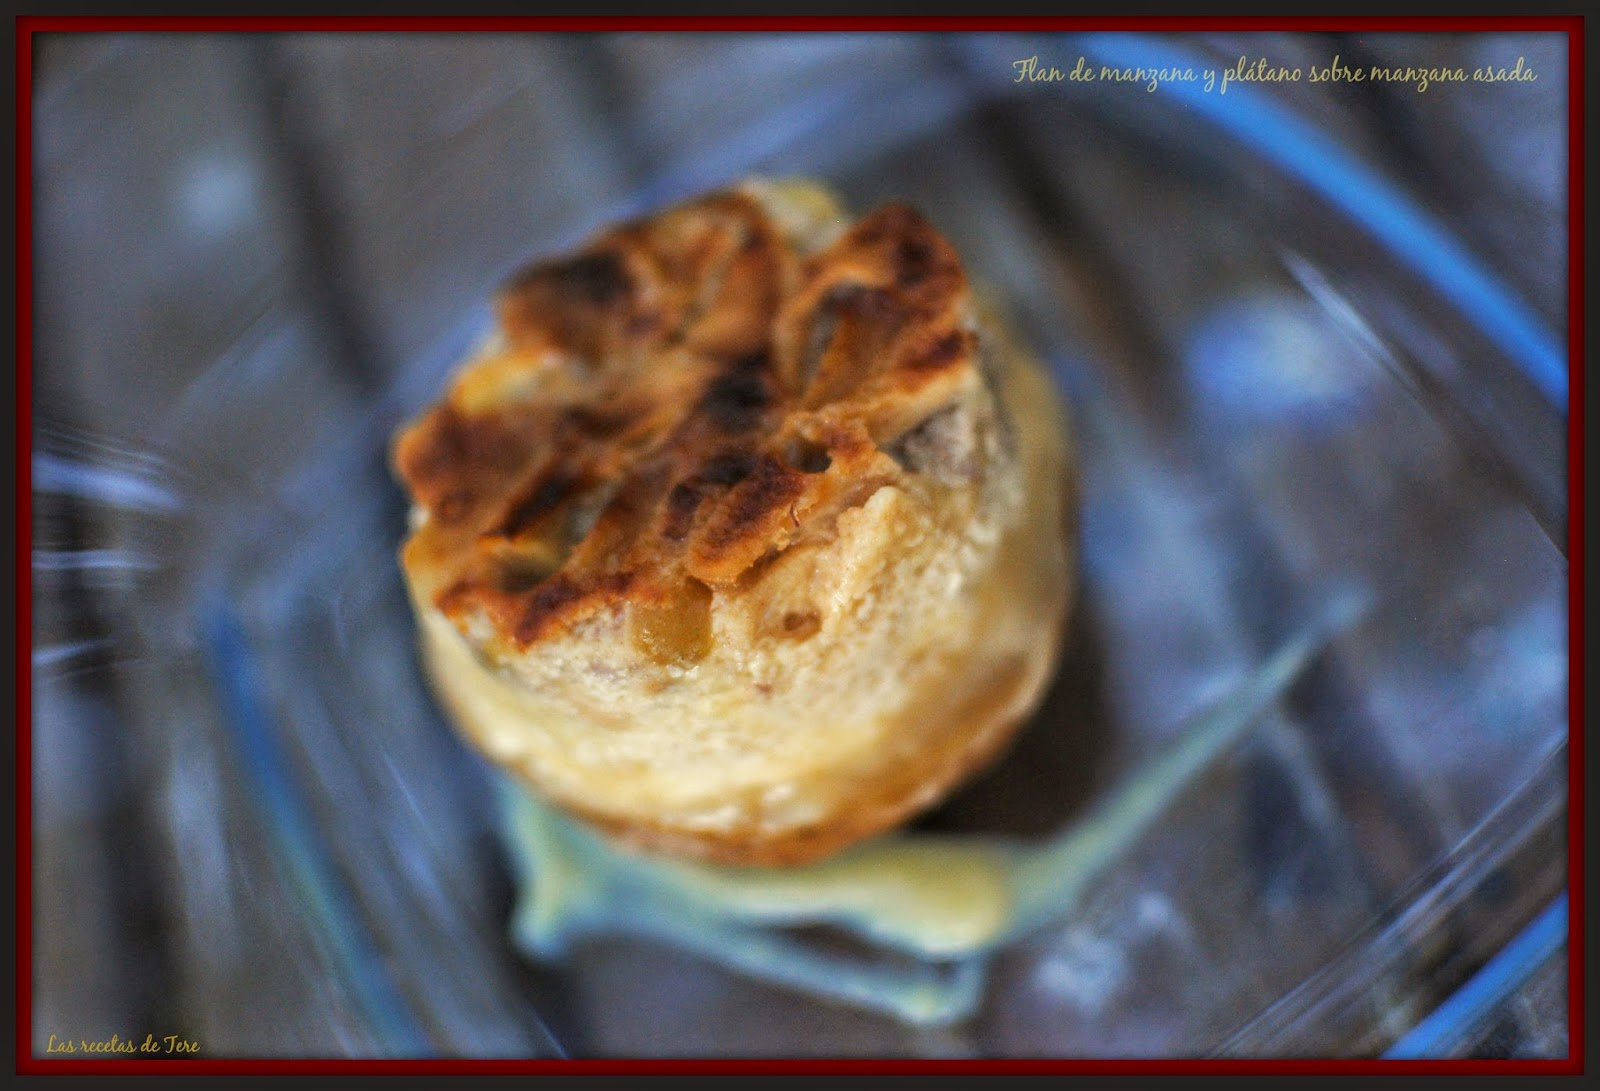 Flan de manzana y plátano sobre manzana asada 06